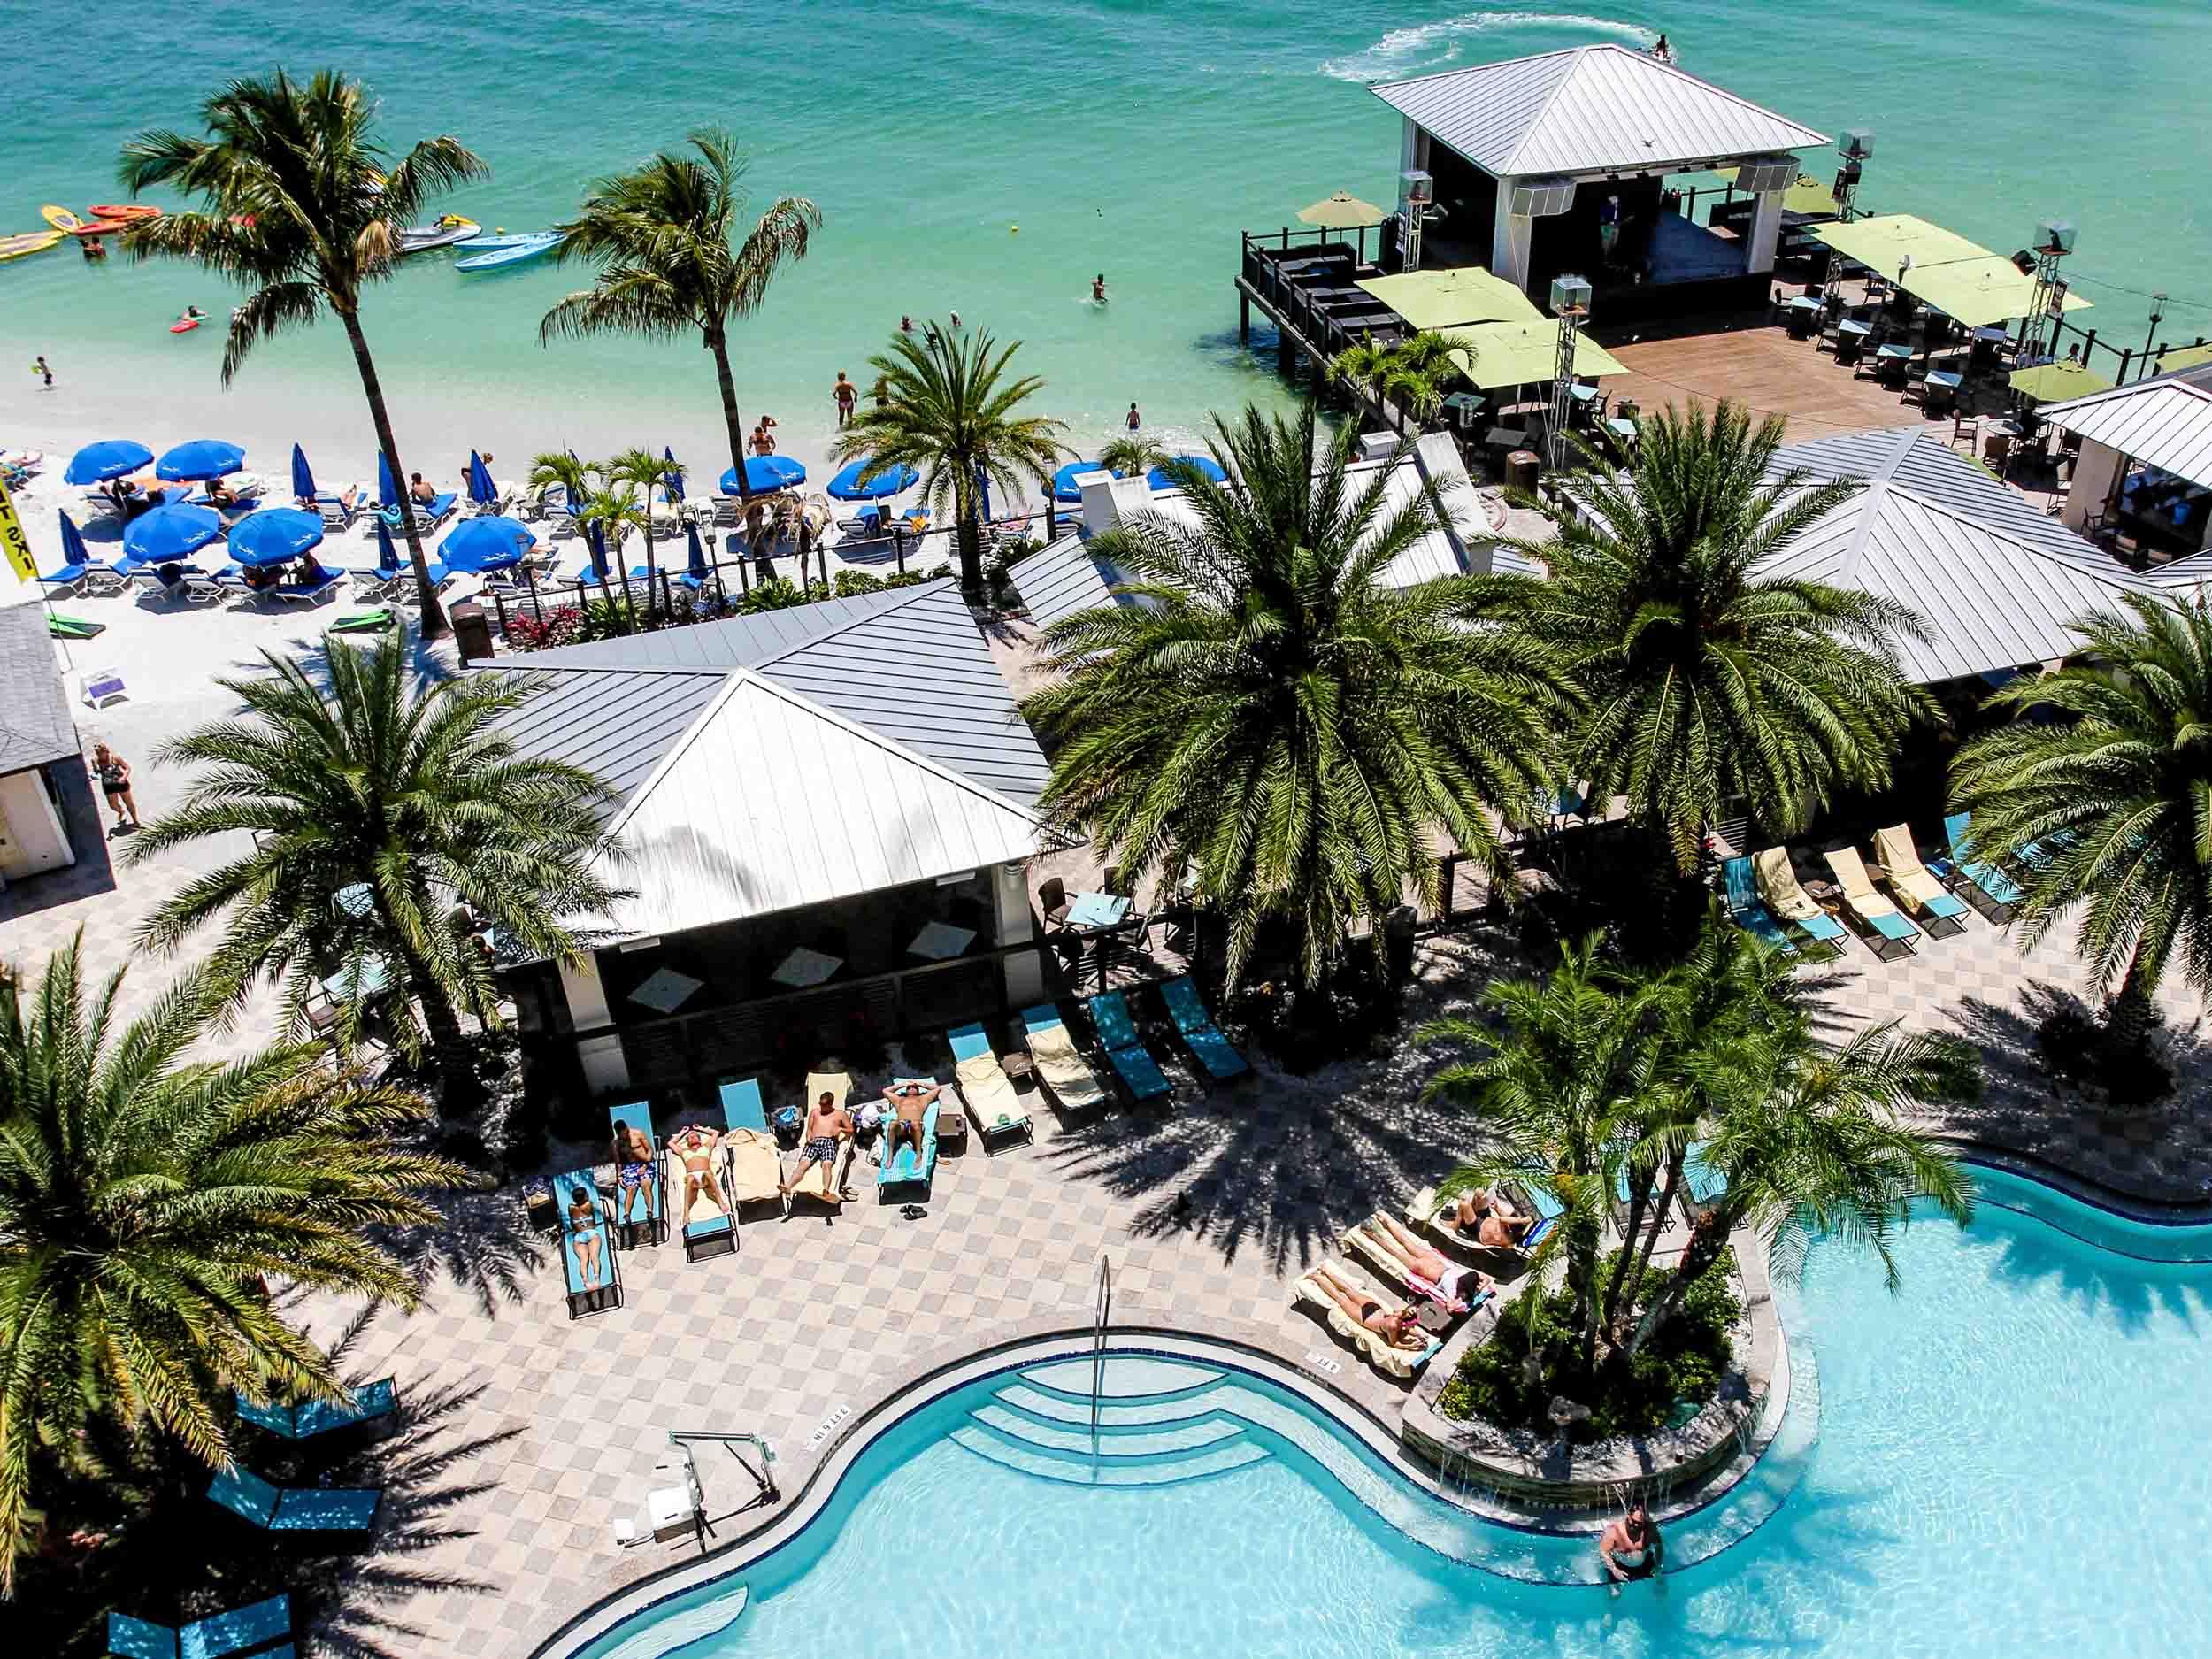 Shephard's Tiki Beach Bar Aerial View